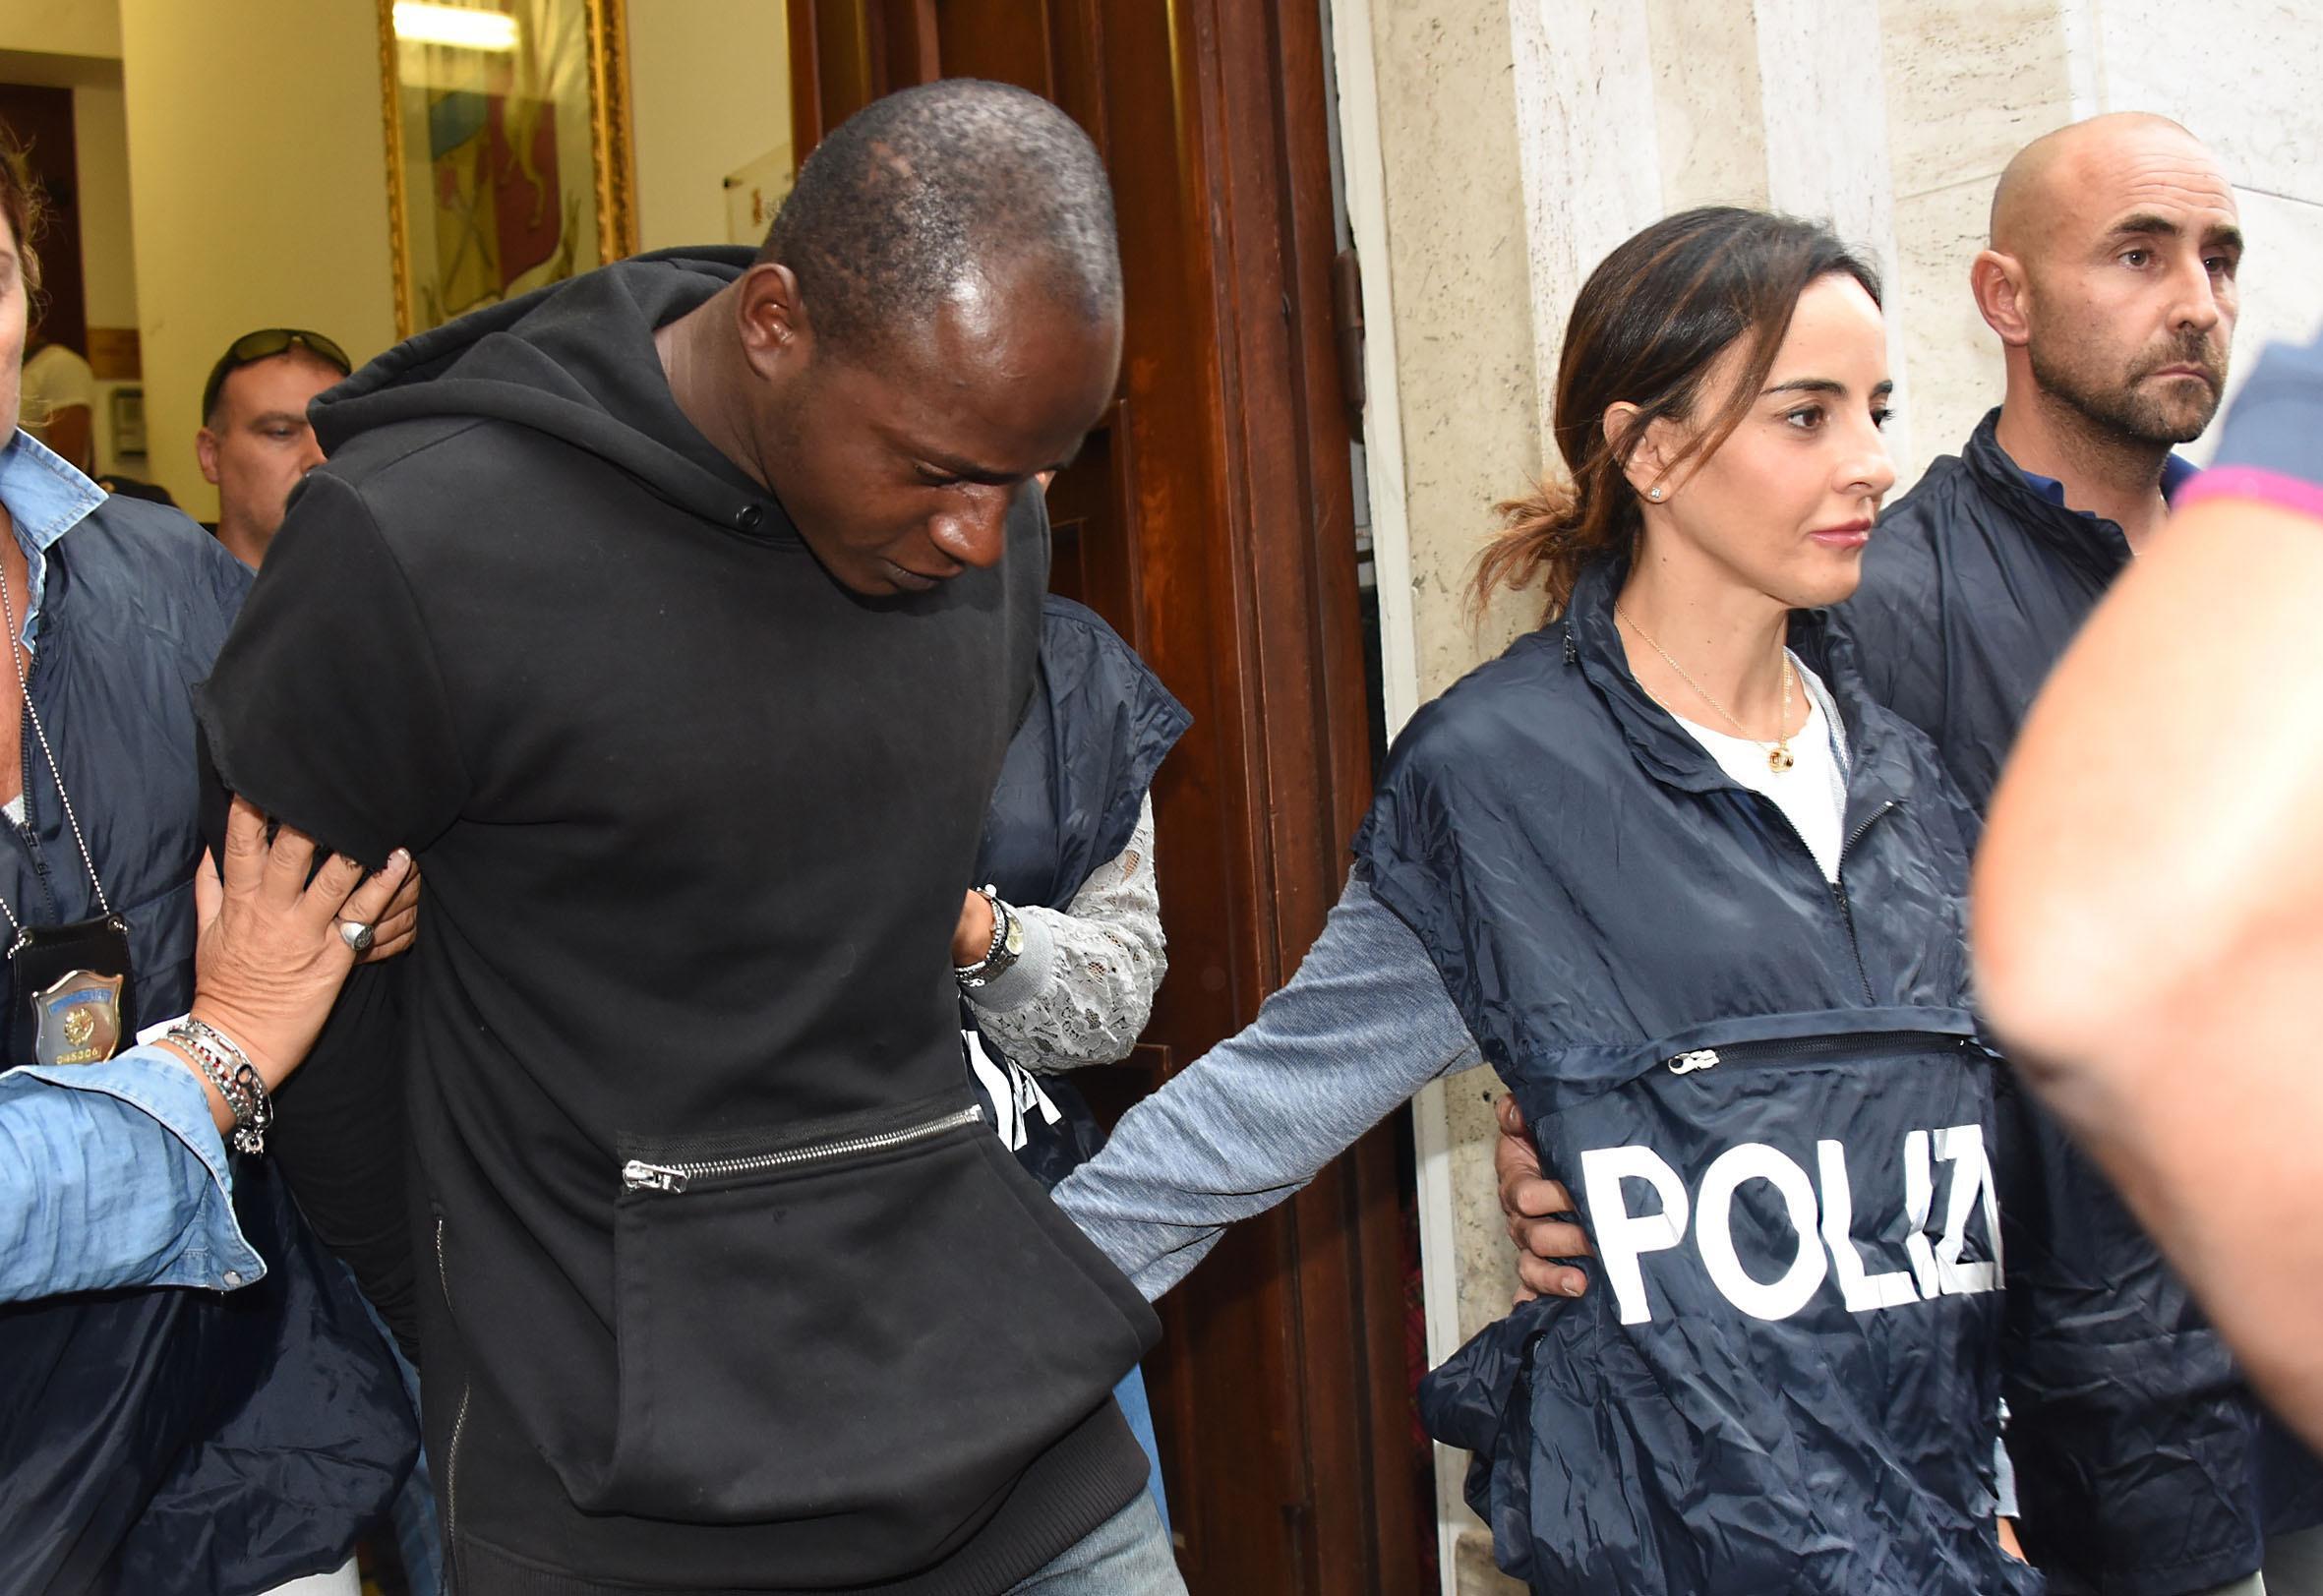 Stupro Rimini, arrestato il capobranco: è un rifugiato congolese di 20 anni